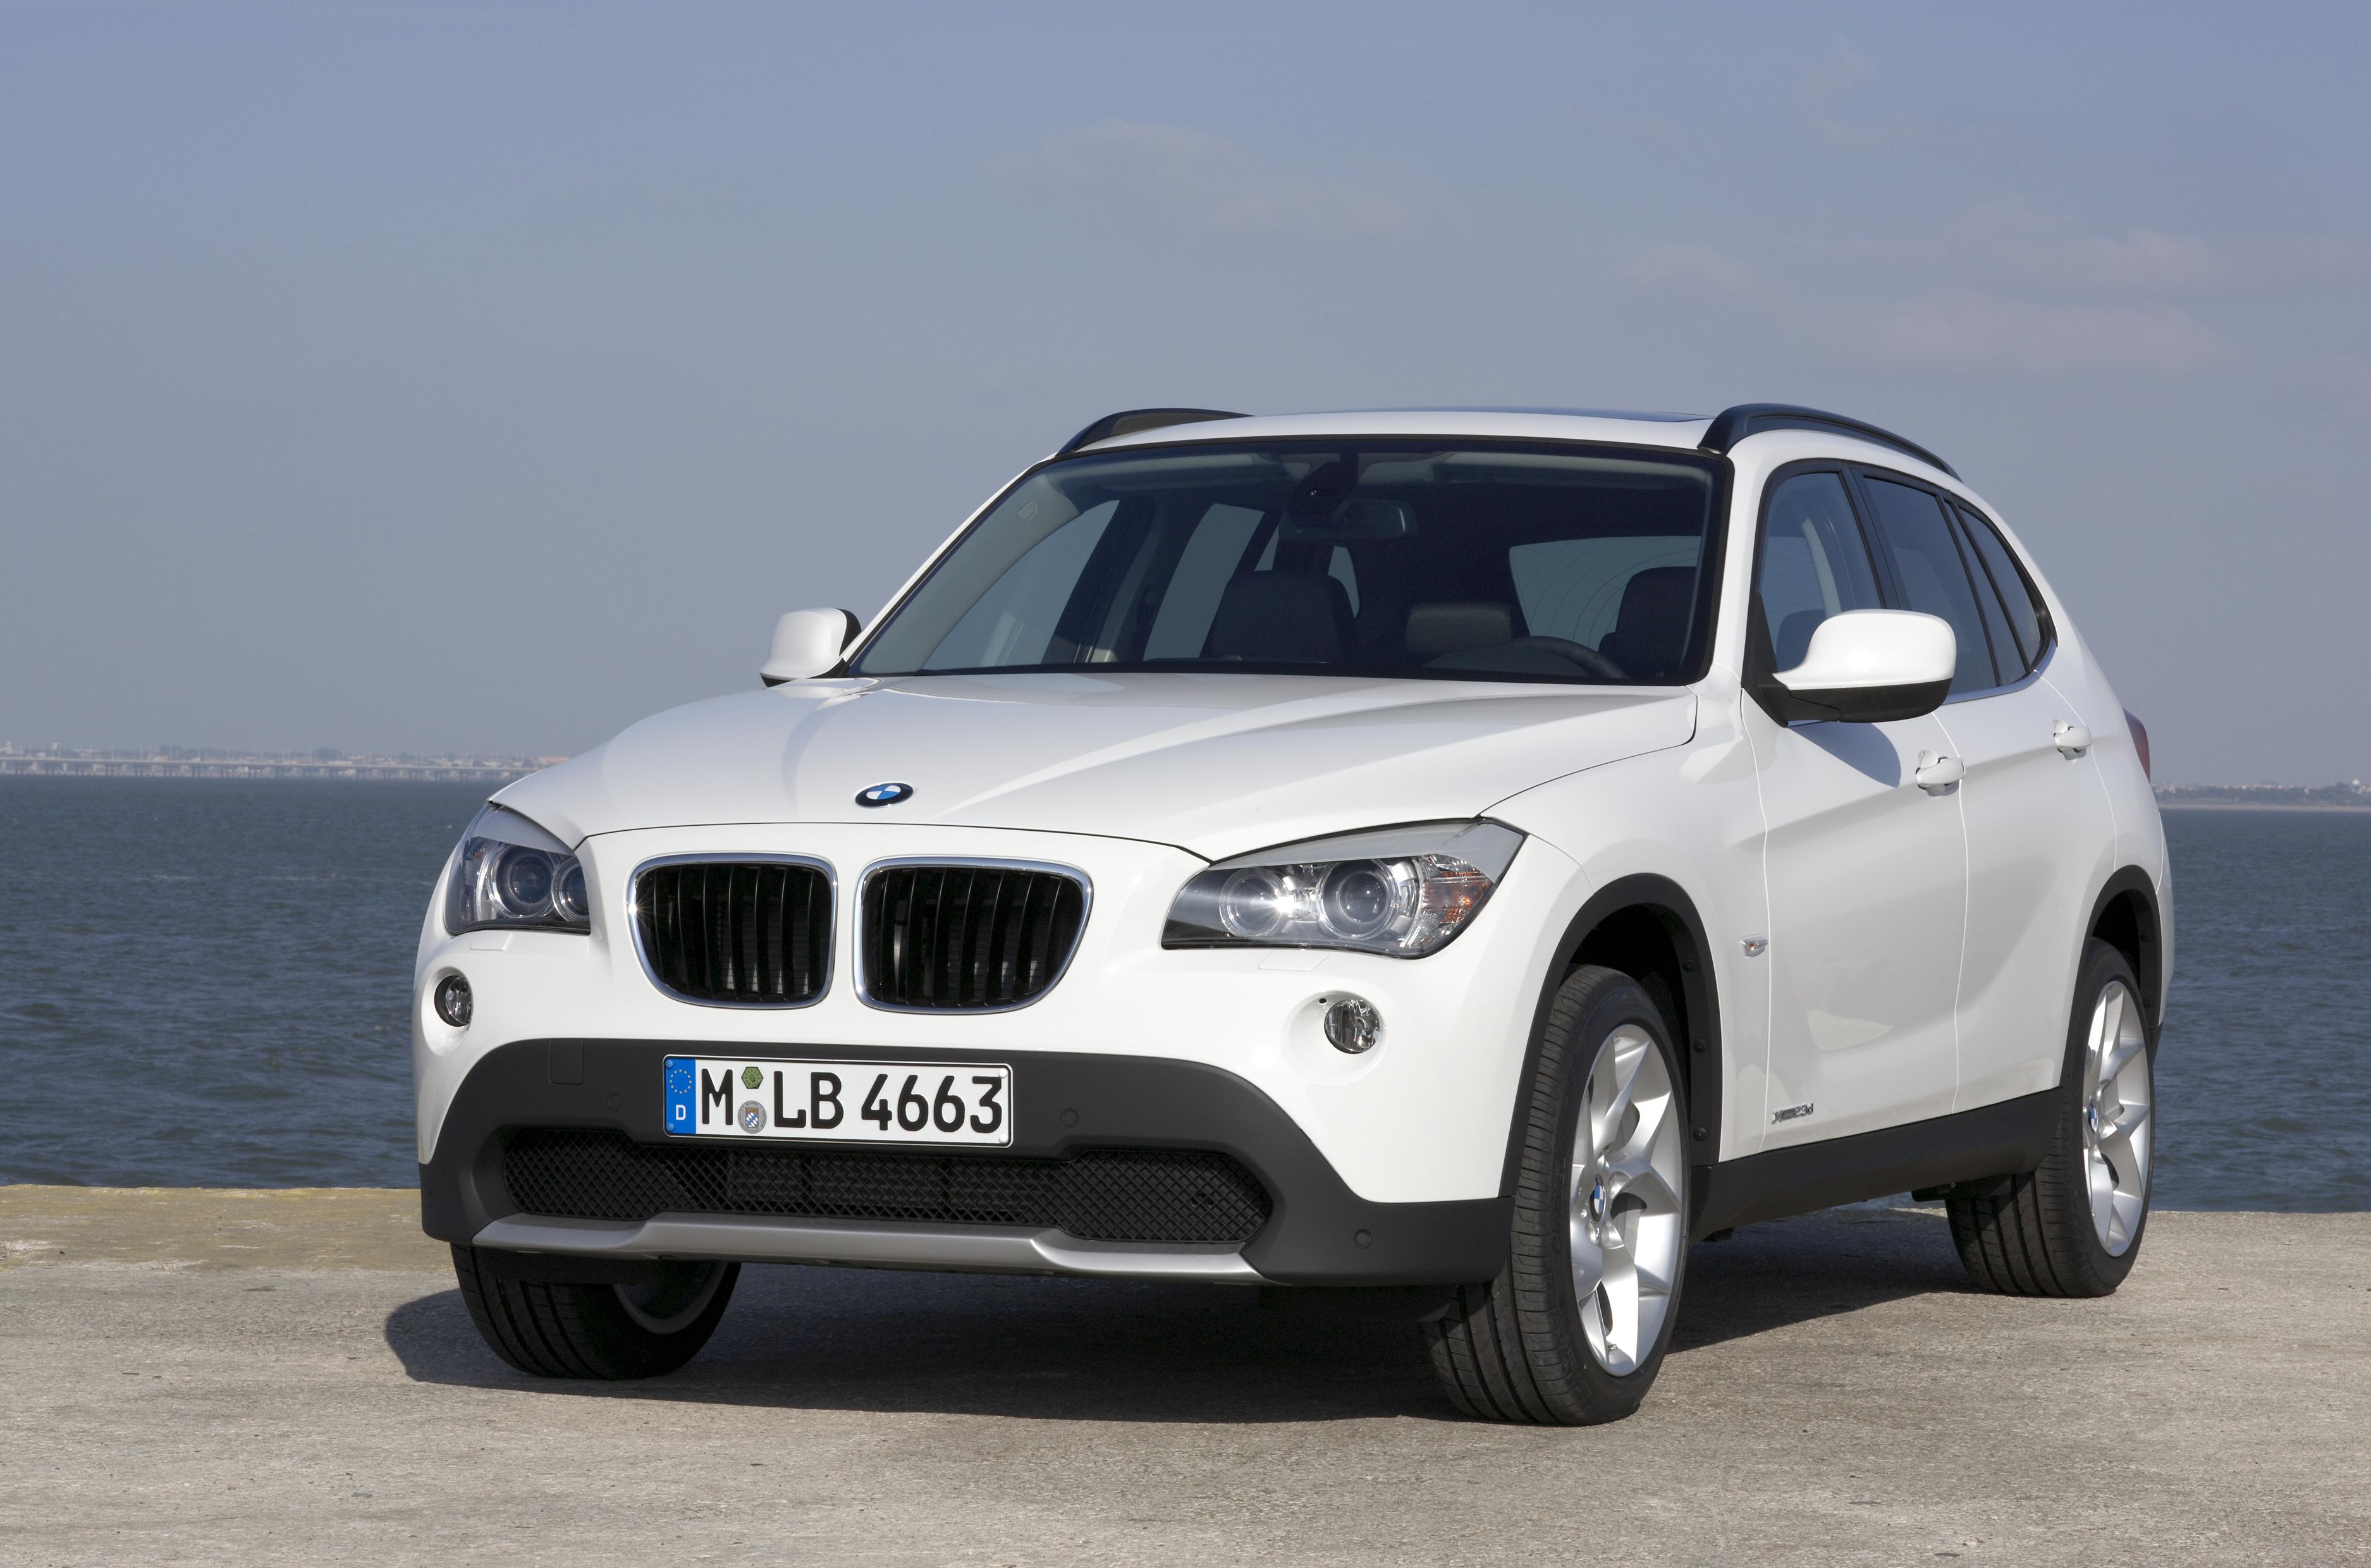 Nhận ngay ưu đãi 7% khi mua BMW X1 18i và 750i